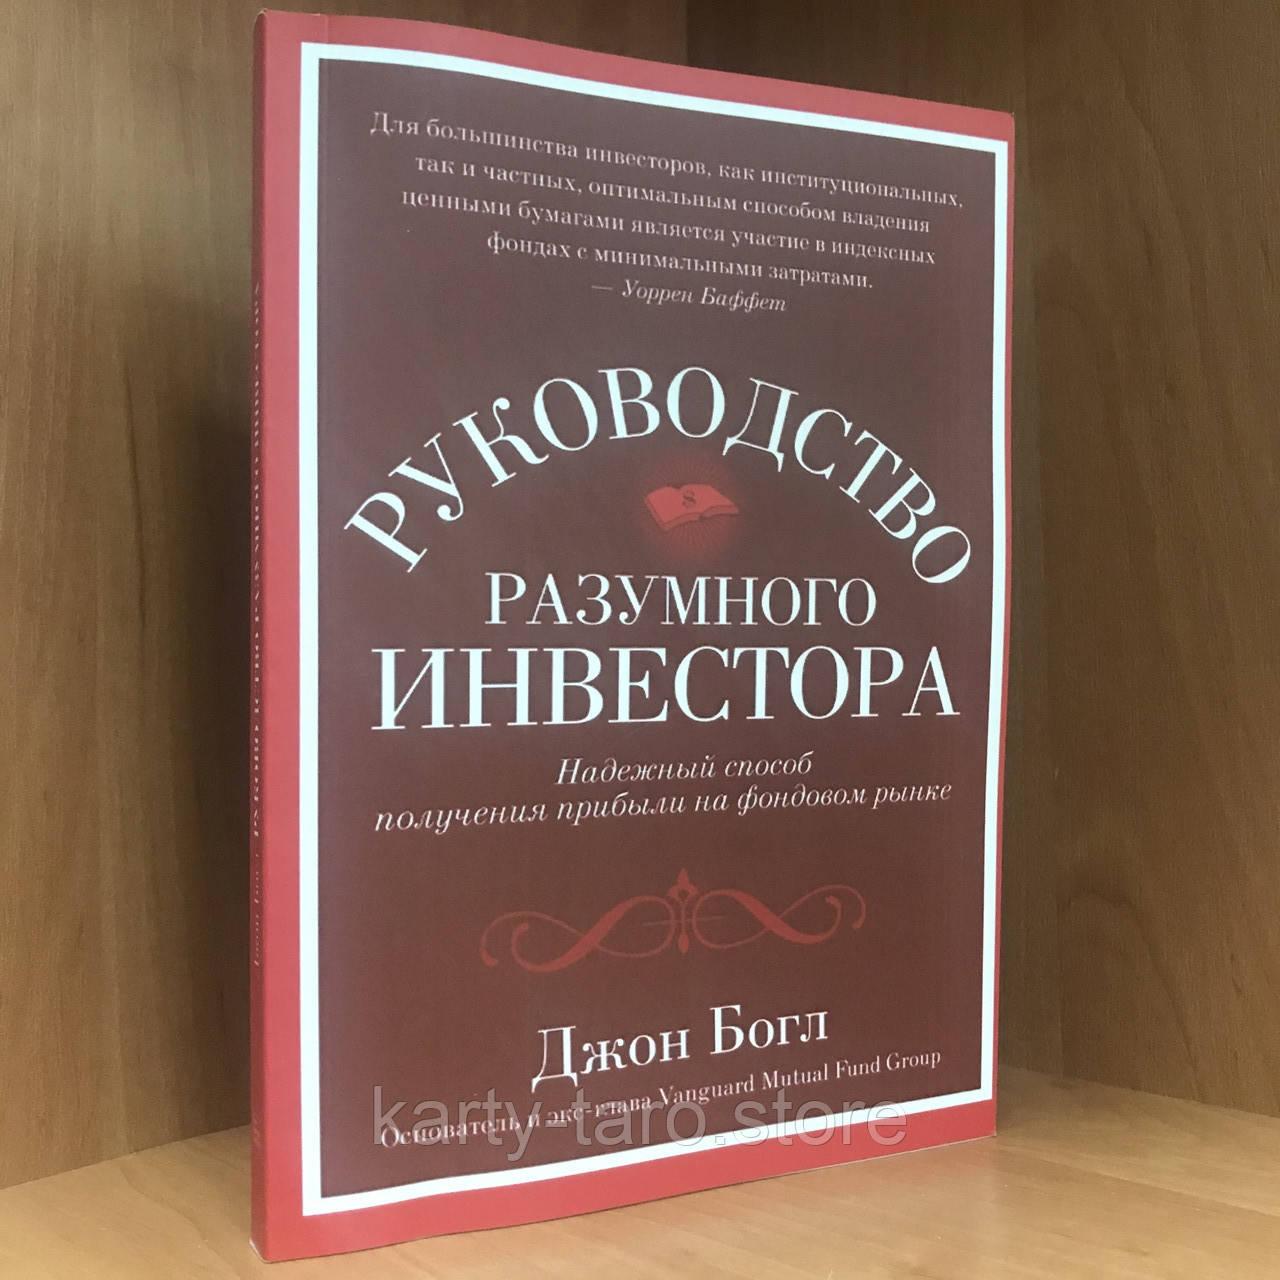 Книга Керівництво розумного інвестора. Надійний спосіб отримання прибутку на фондовому ринку - Дж.Богл